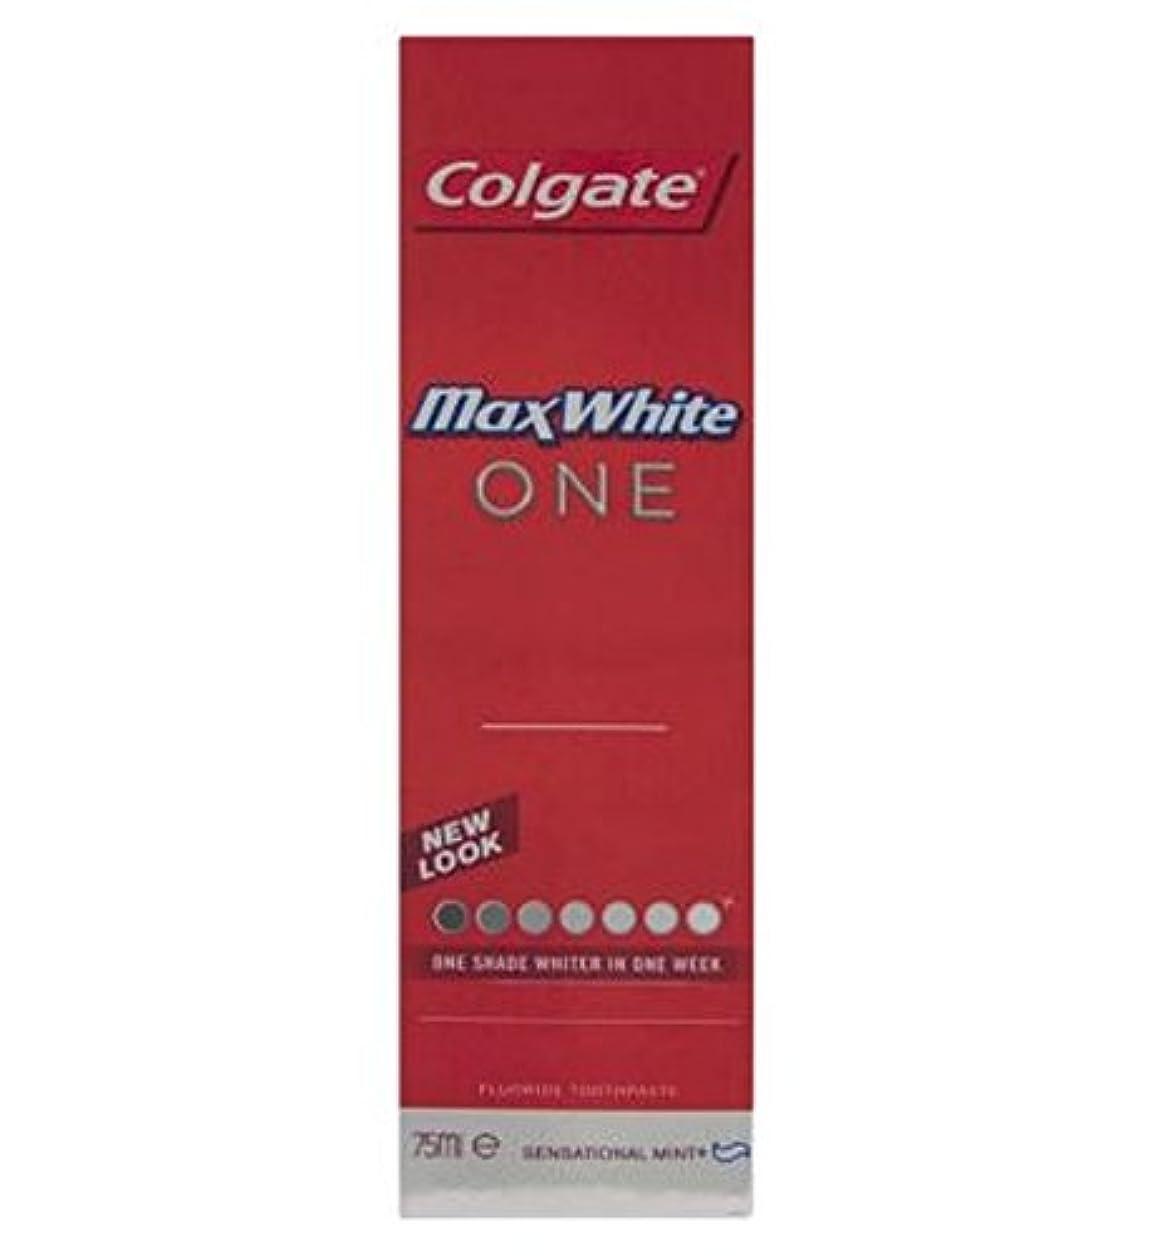 接続詞戻るロックコルゲートマックスホワイト1新鮮な歯磨き粉75ミリリットル (Colgate) (x2) - Colgate Max White One Fresh toothpaste 75ml (Pack of 2) [並行輸入品]